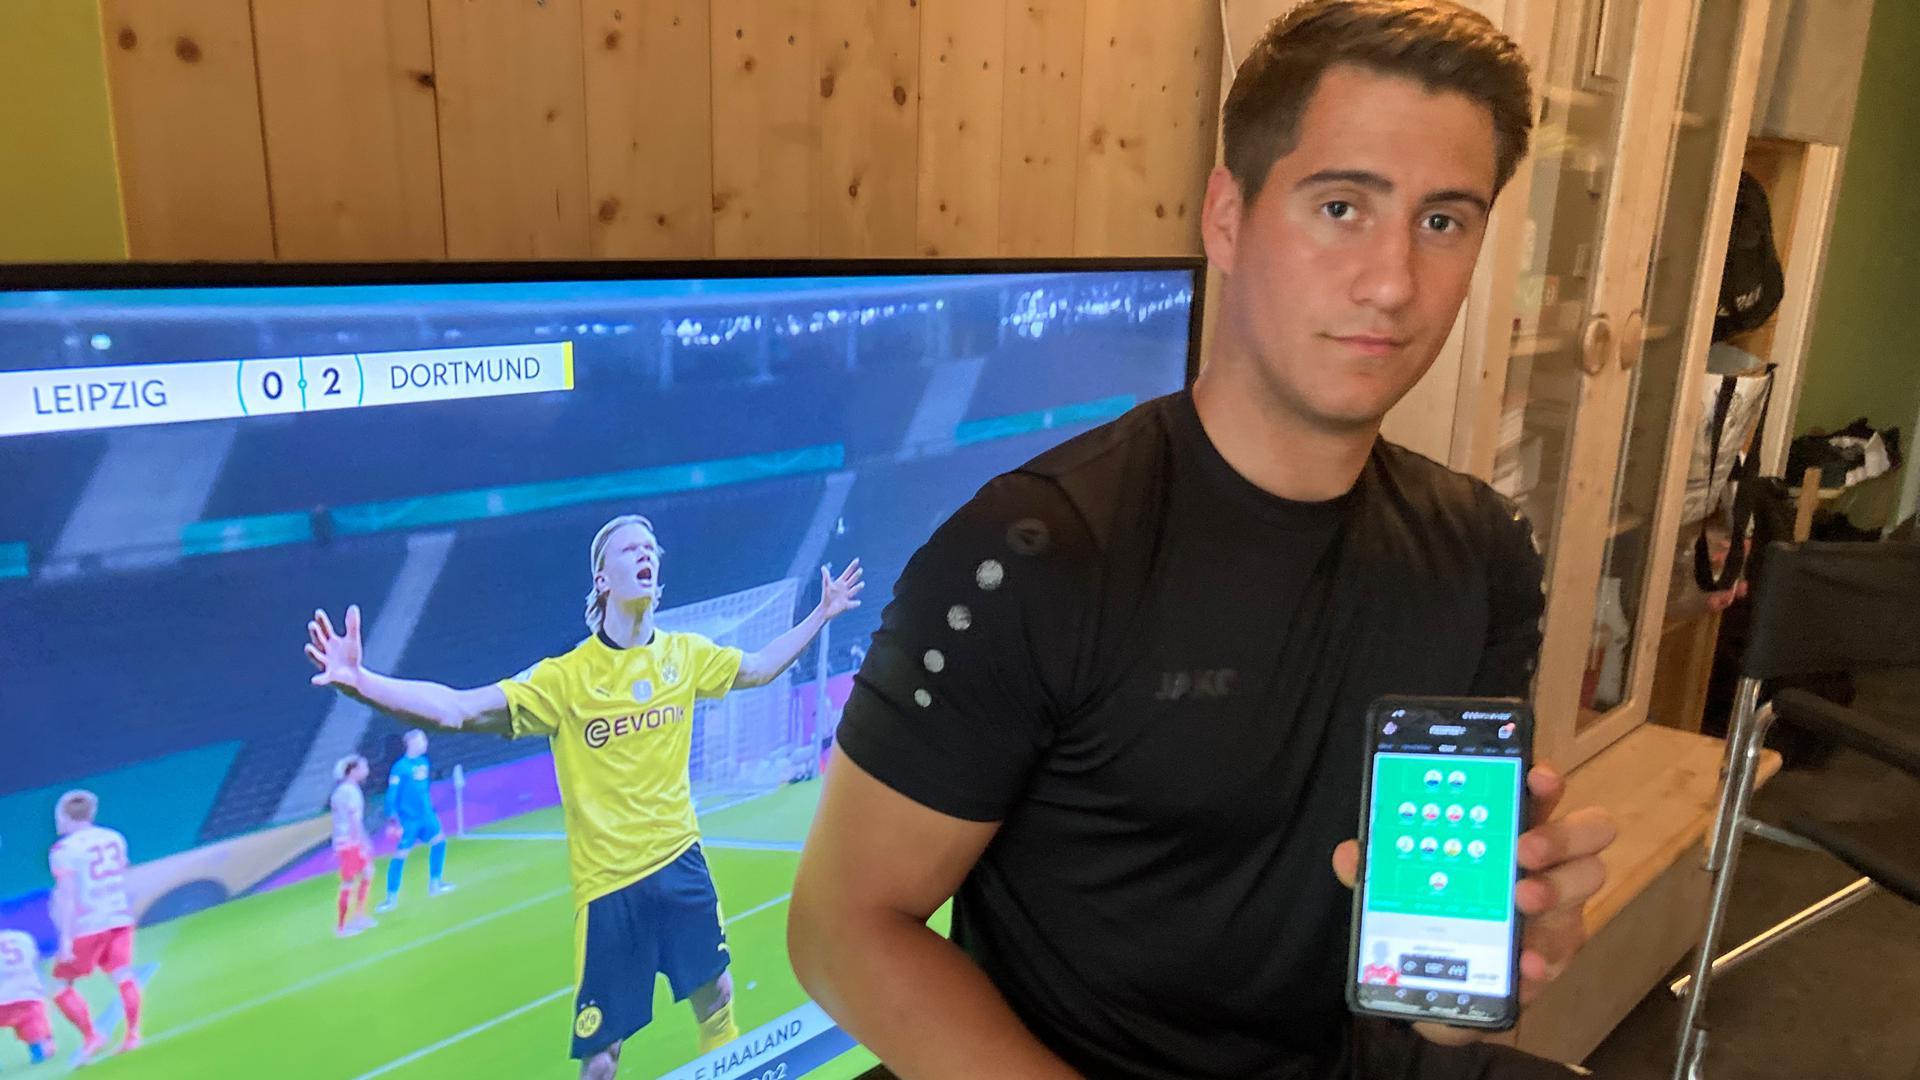 Immer informiert: Aus den Fußballspielen am Fernseher kann der Bruchsaler Matthias Sohns auch Erkenntnisse für seine Managerspiele ziehen. Eine gute Vorbereitung sei wichtig für den Erfolg, betont er.